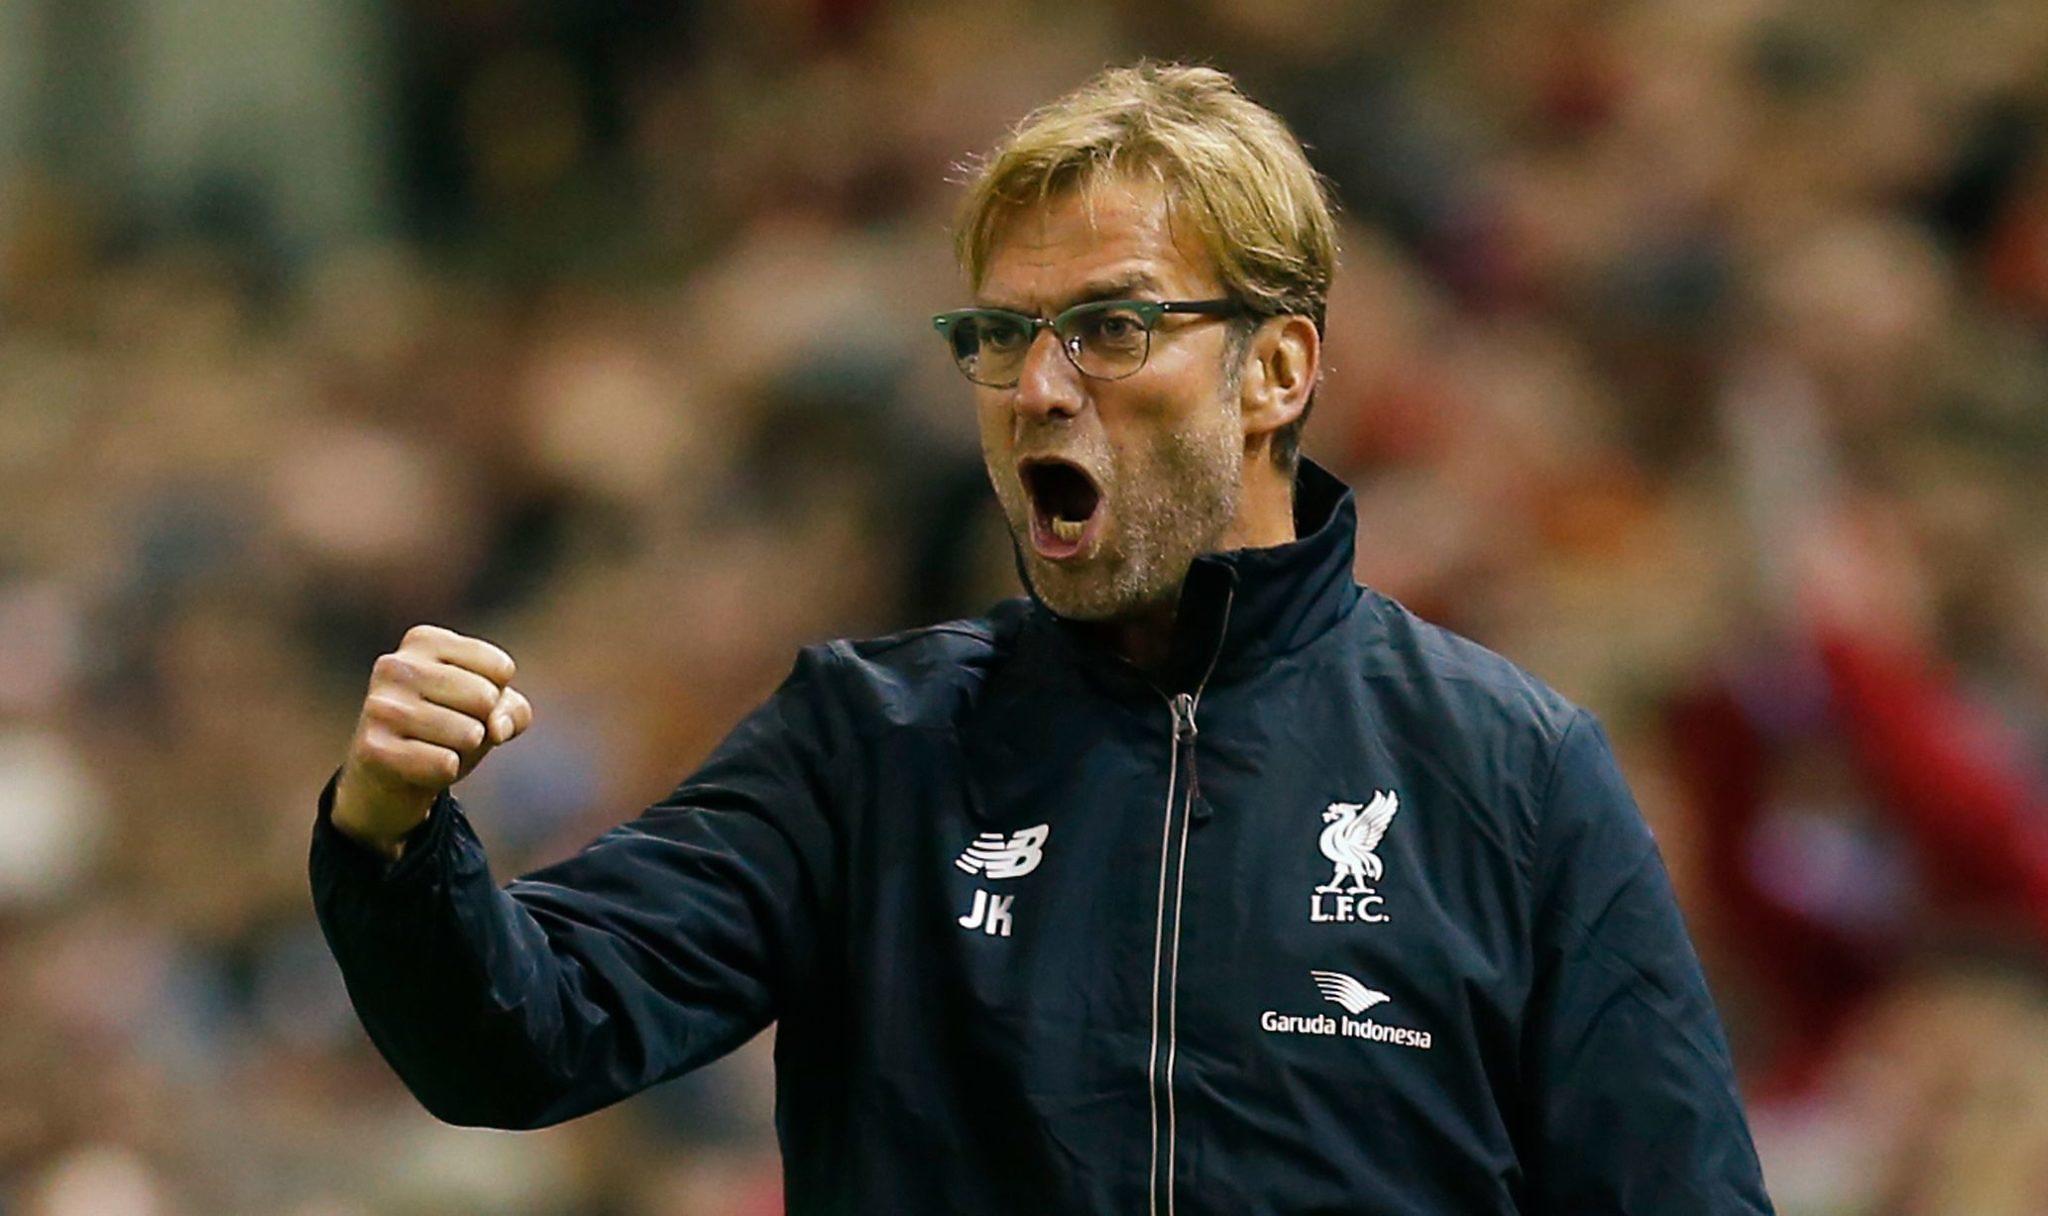 #FútbolPuro | El Liverpool de Klopp